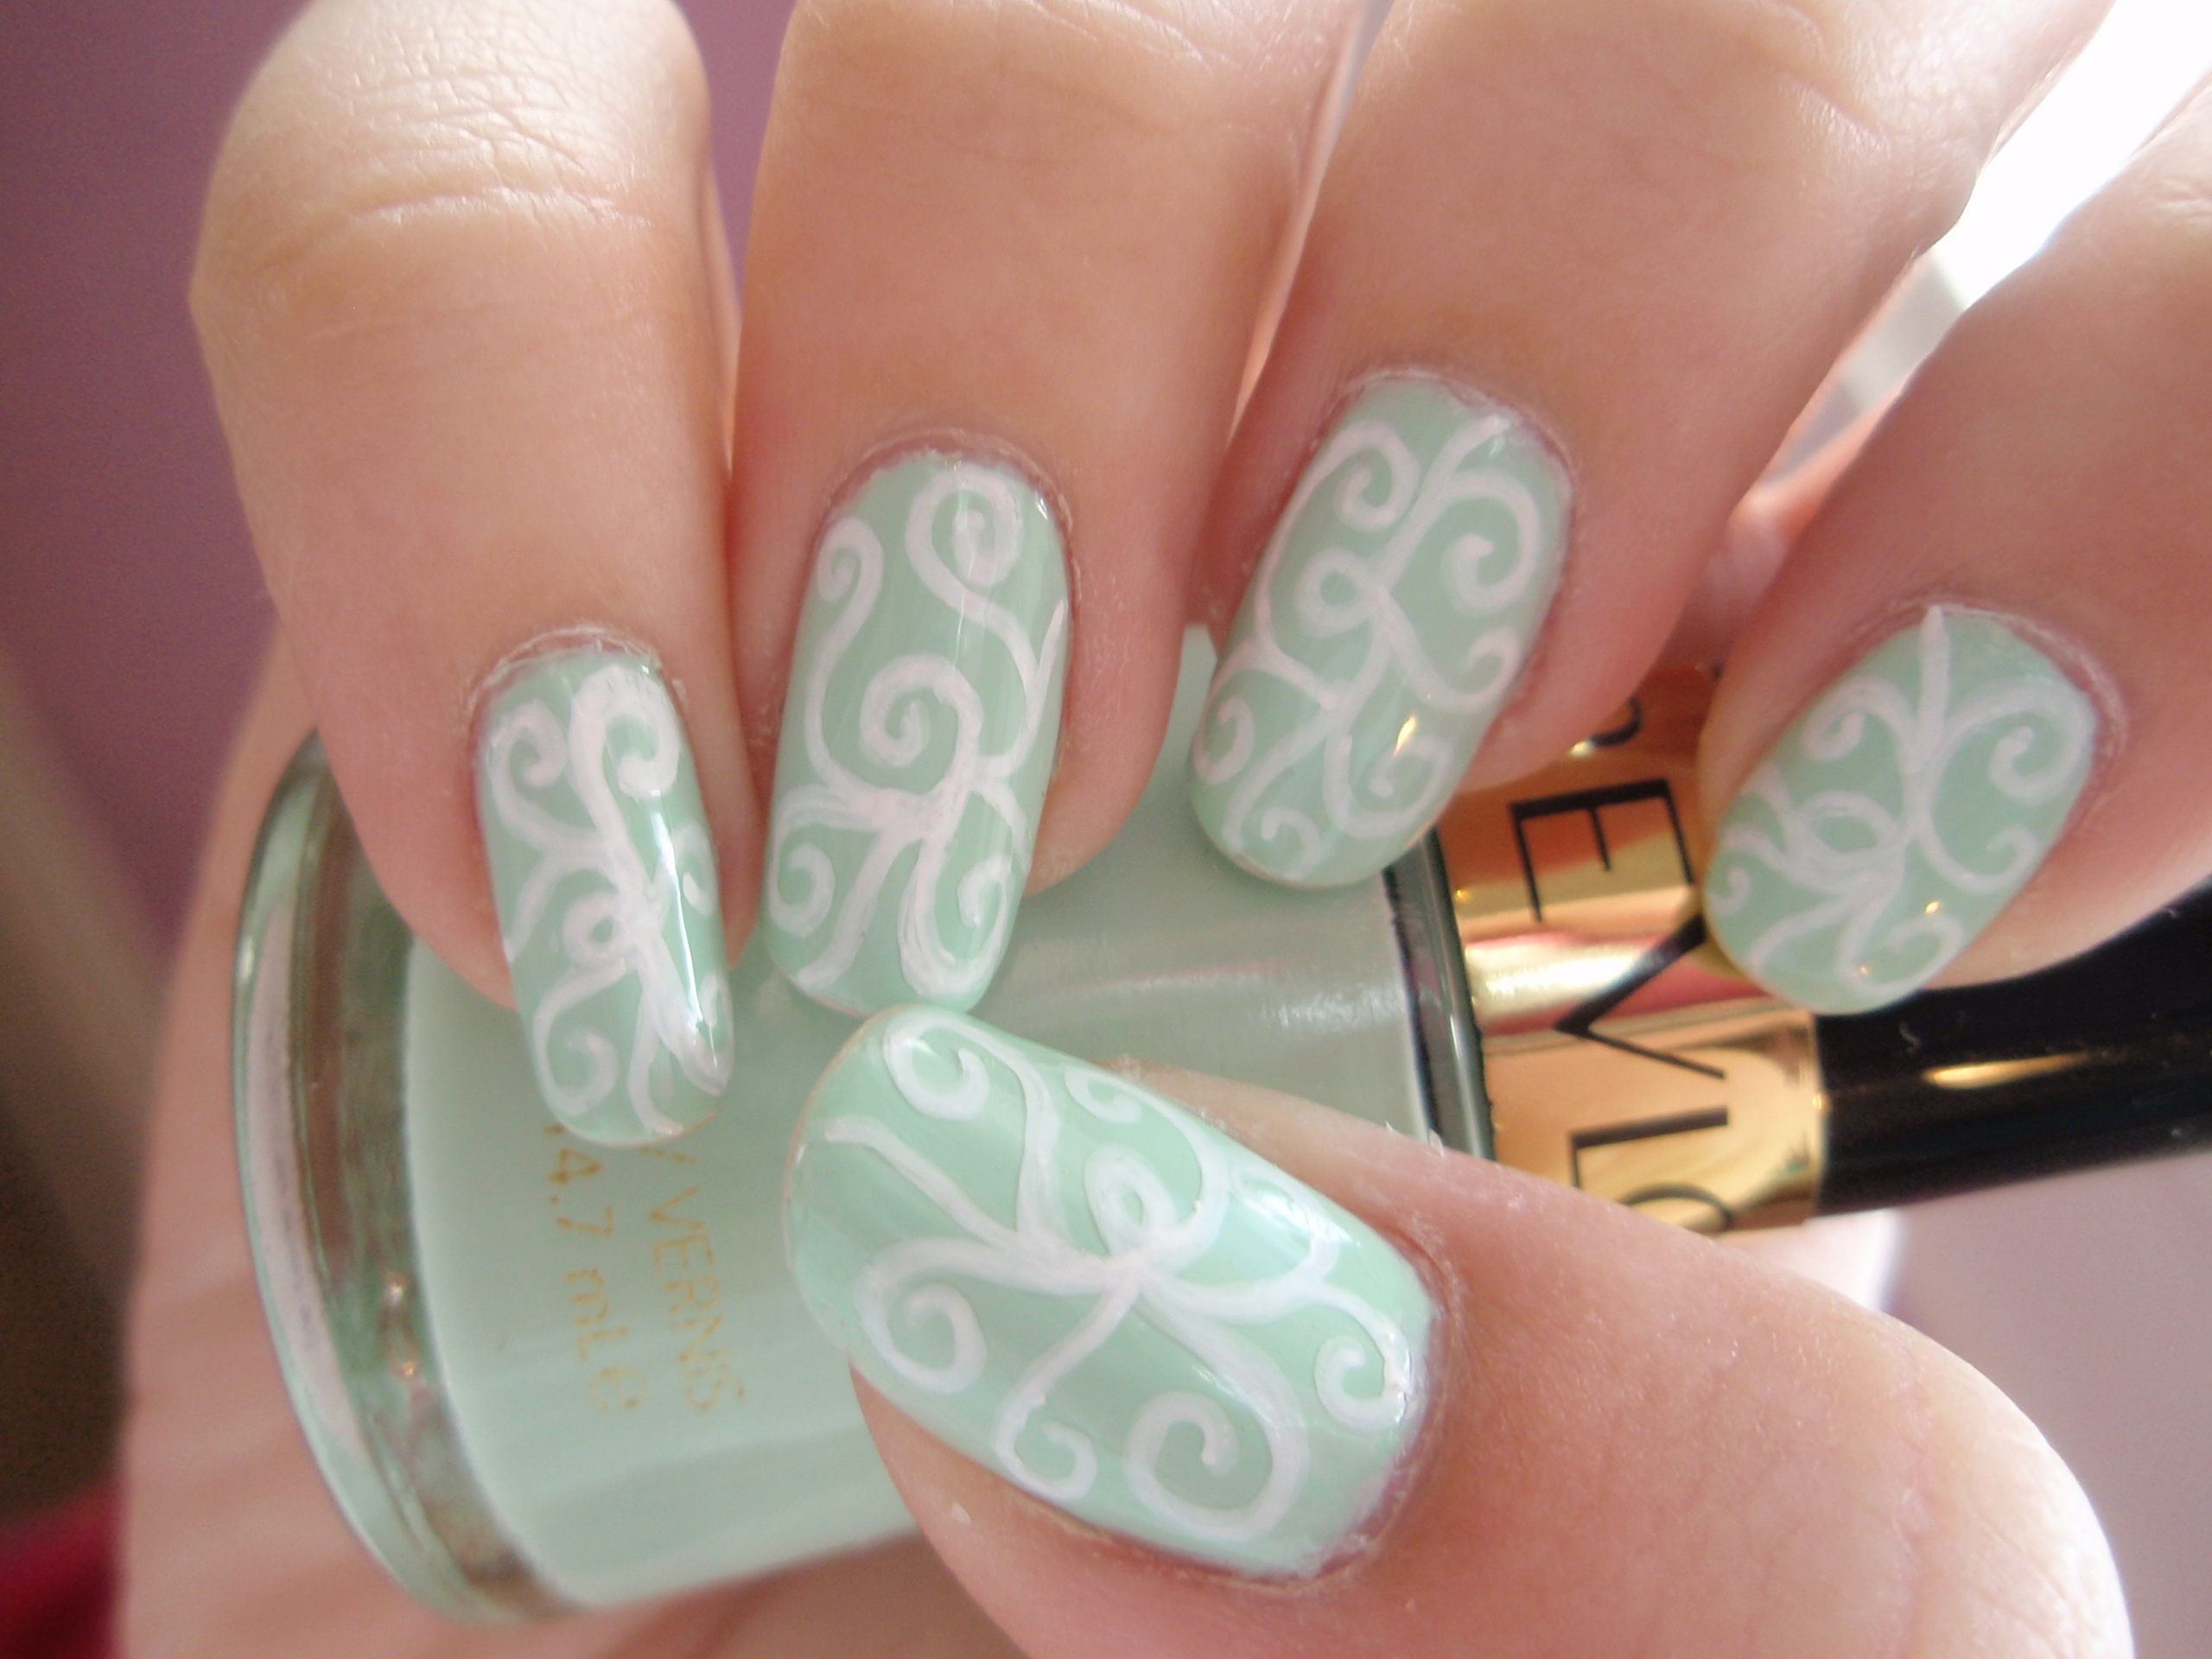 awesome nail art   Nails Nail Art Wallpaper 23708323 2560x1920